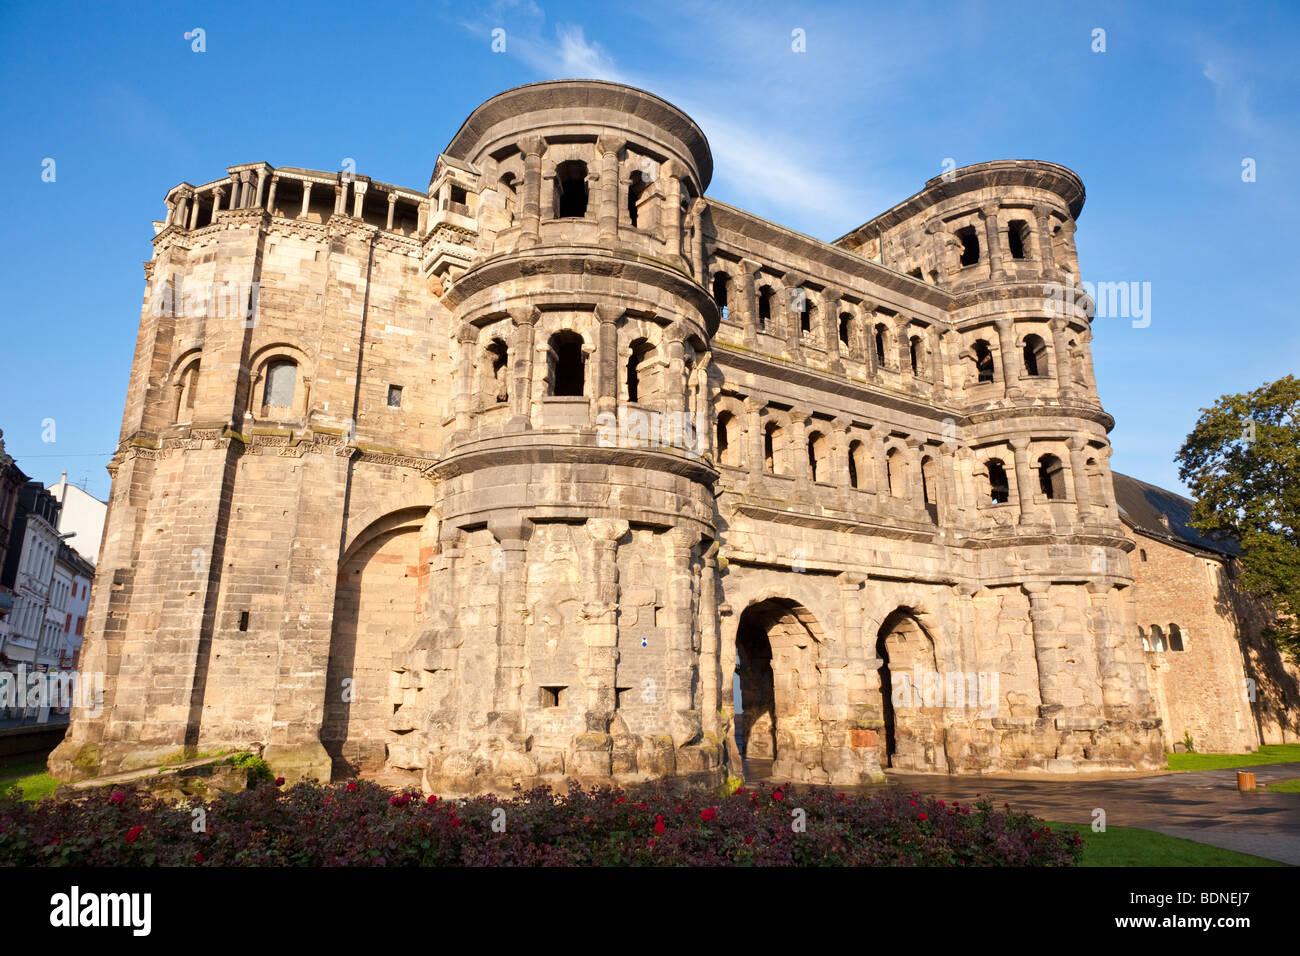 Porta Nigra in Trier Germany Europe - Stock Image